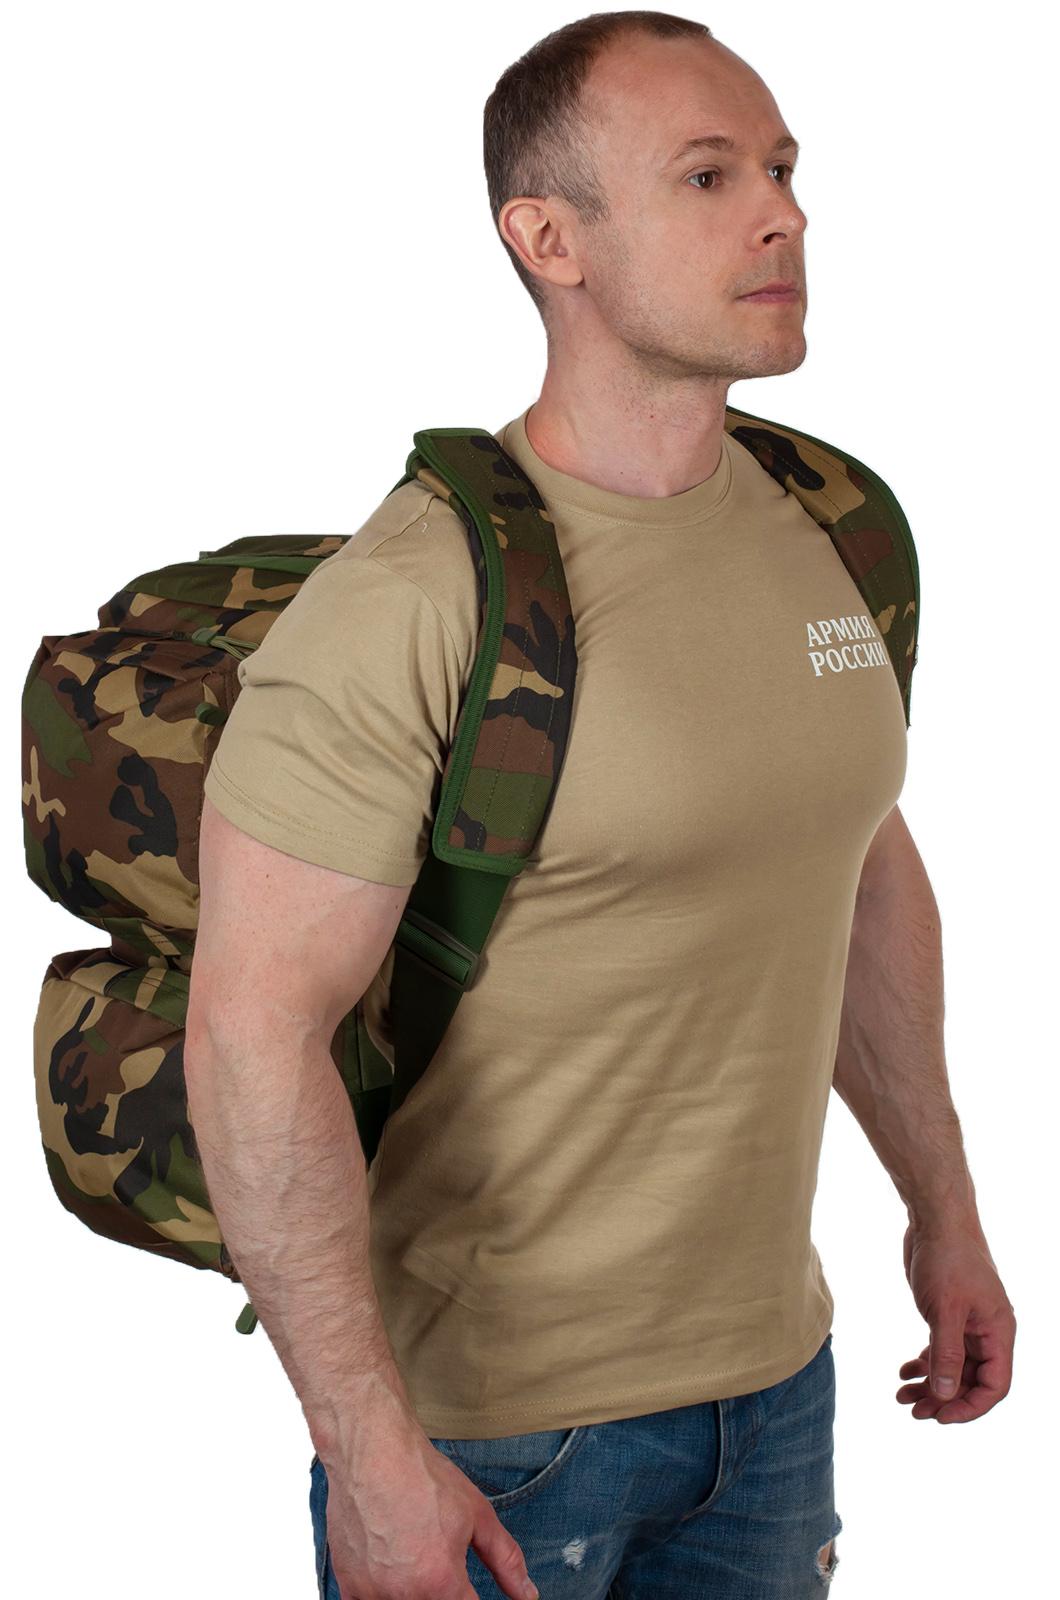 Заплечная дорожная сумка РХБЗ - заказать в подарок